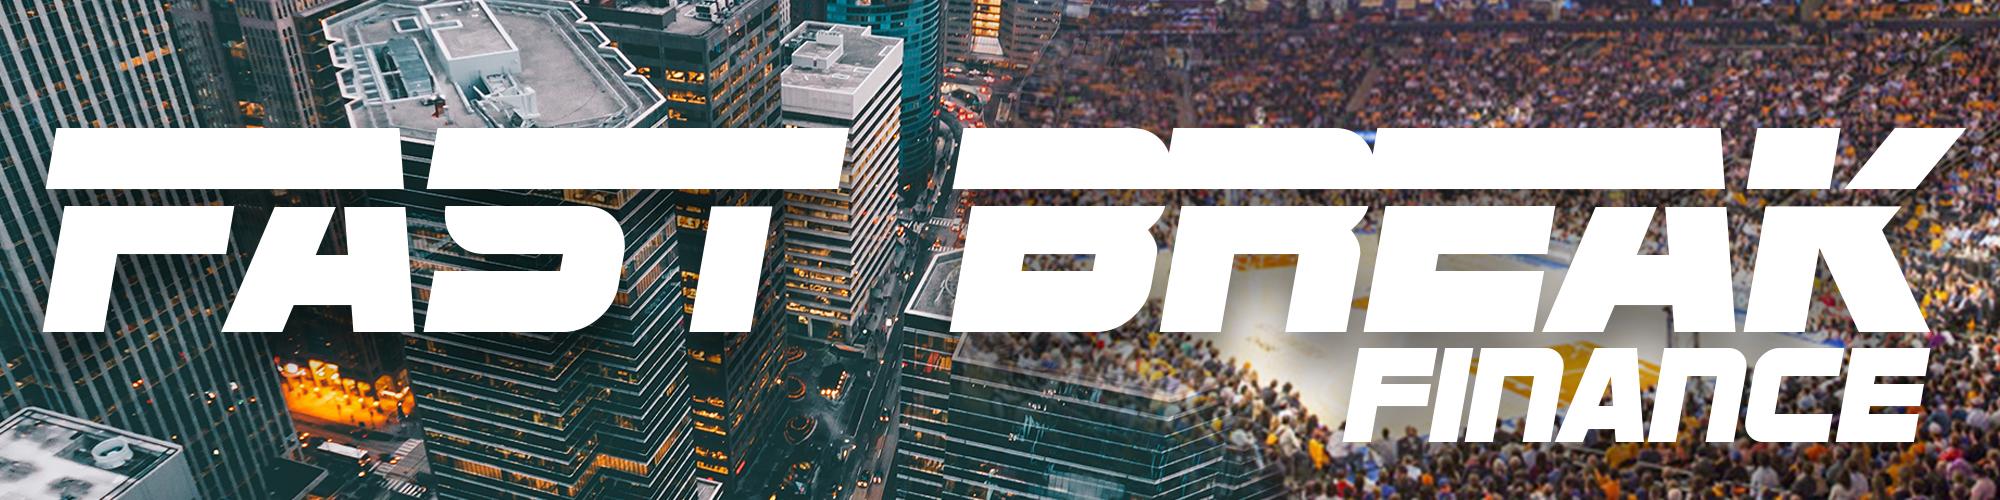 Fast-Break-Finance-01.2-2.jpg